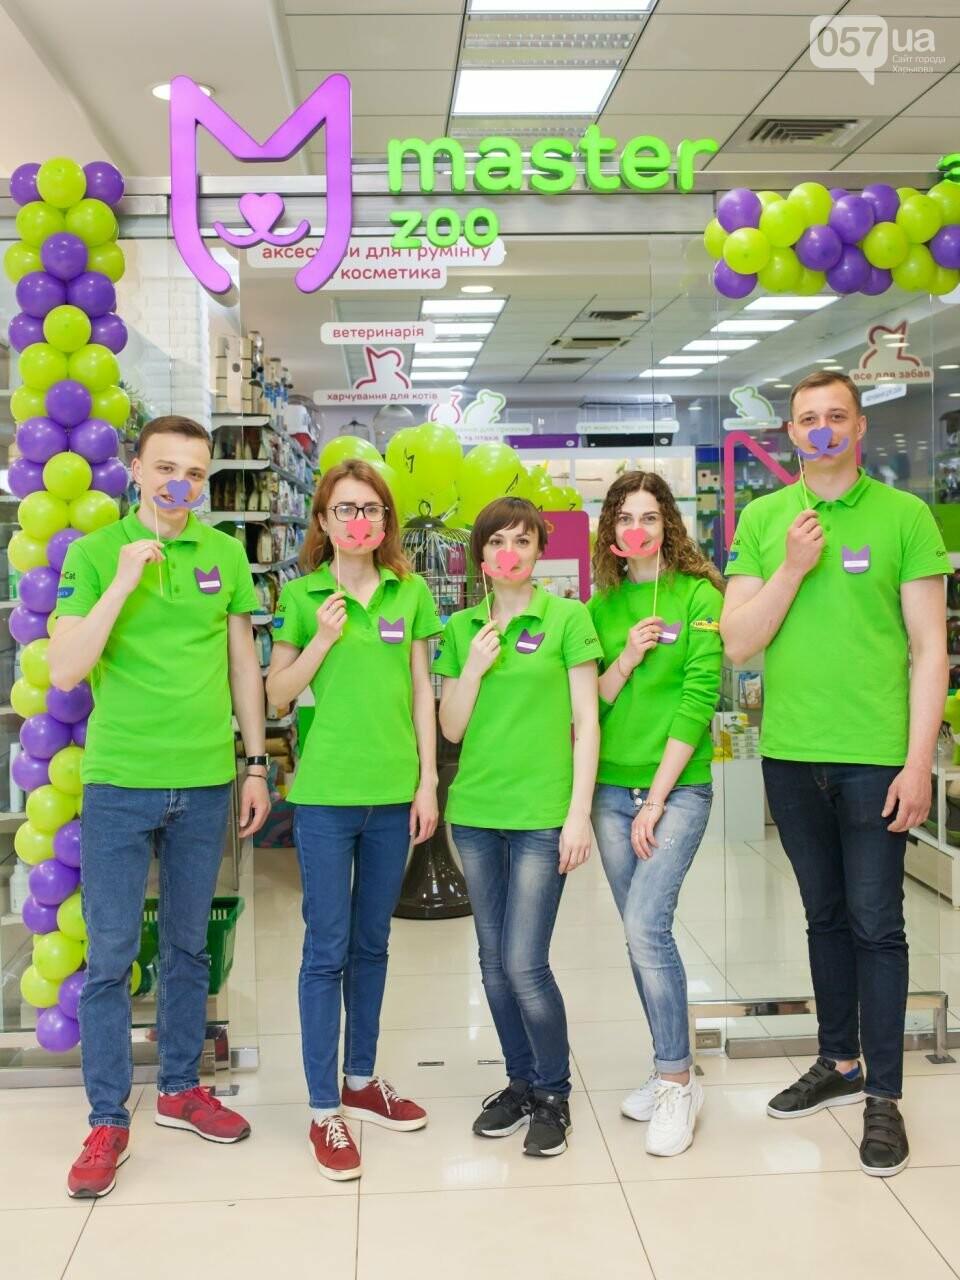 Новый зоомагазин в Харькове, в который обязательно стоит заглянуть, фото-1